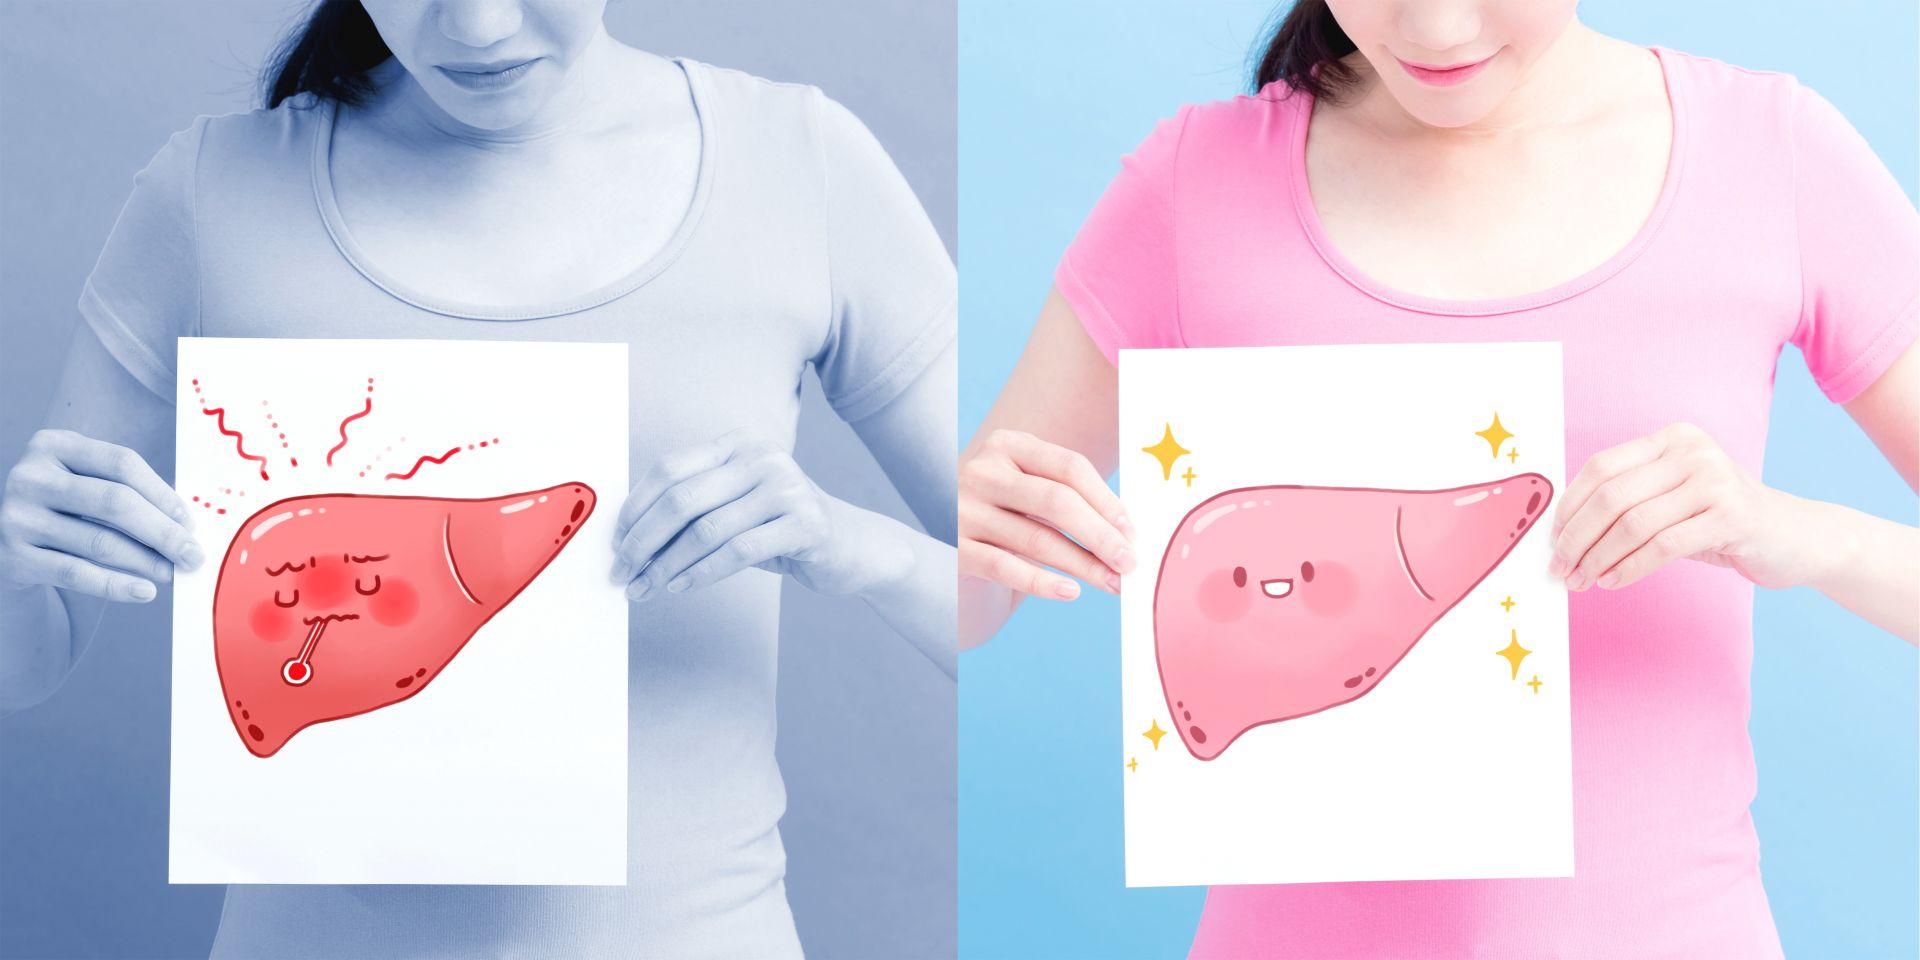 錢政弘醫師:減重最有效!百分百減少肝脂肪、8成肝纖維化改善